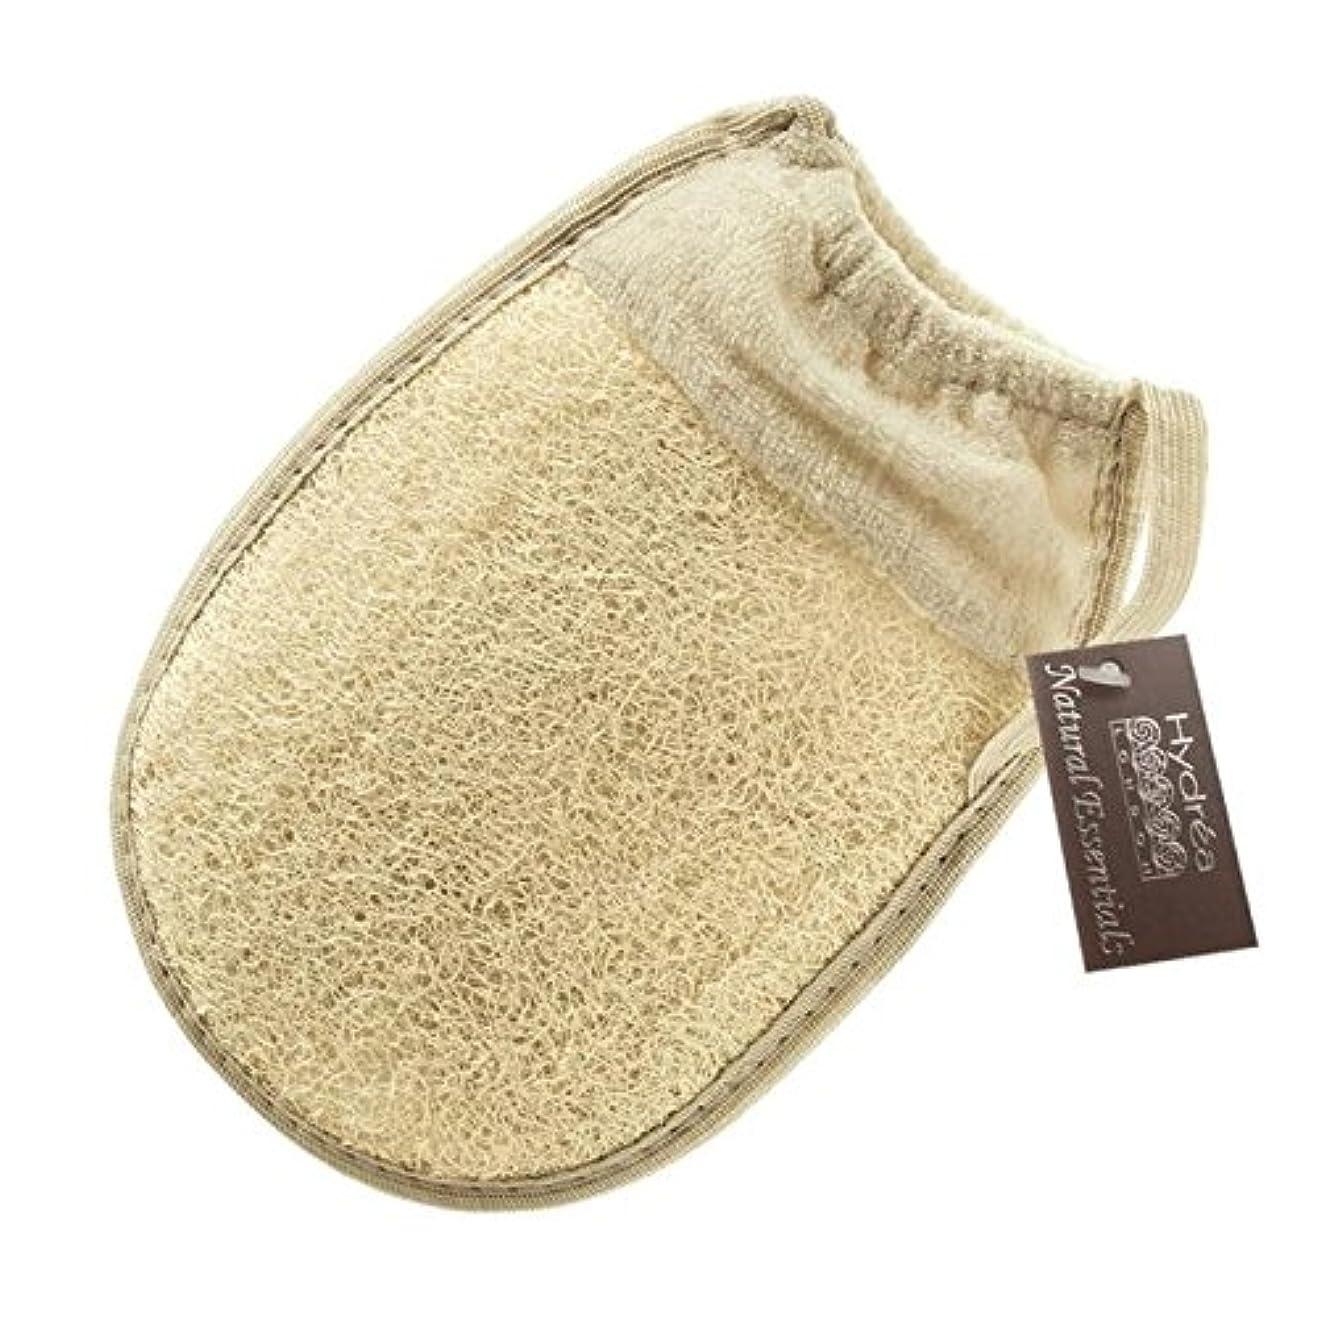 原告シェード蒸留Hydrea London Egyptian Loofah Glove with Elasticated Cuff - 伸縮性カフとハイドレアロンドンエジプトのヘチマグローブ [並行輸入品]